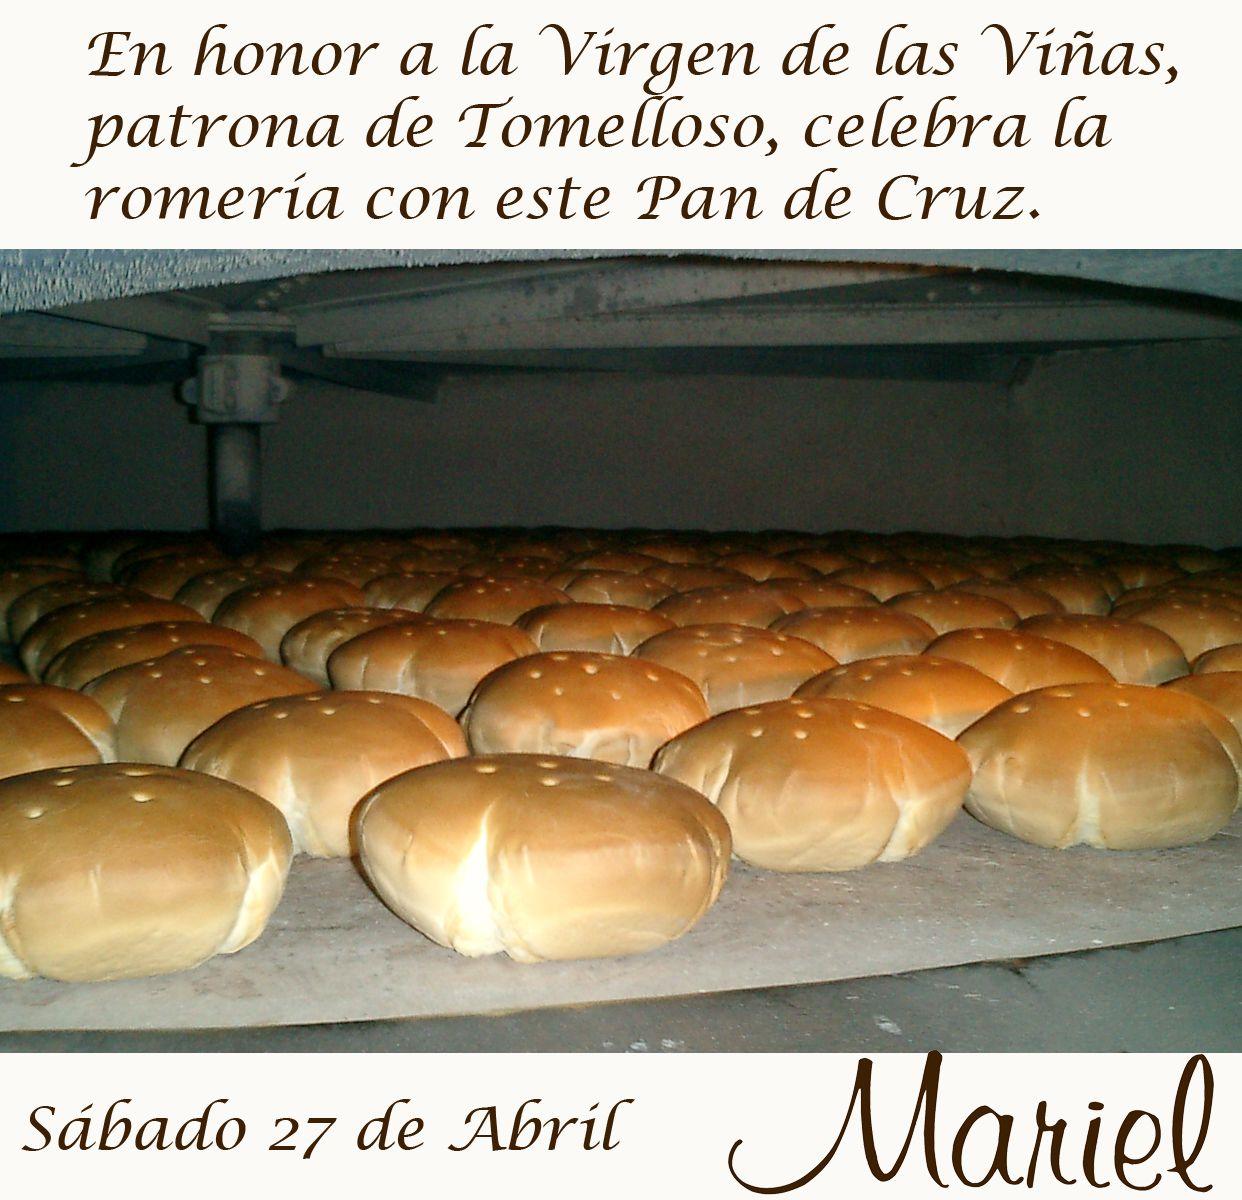 Romería De Tomelloso En Panadería Mariel Alicante9 Pan De Cruz O Candeal Pan Panadería Romeria